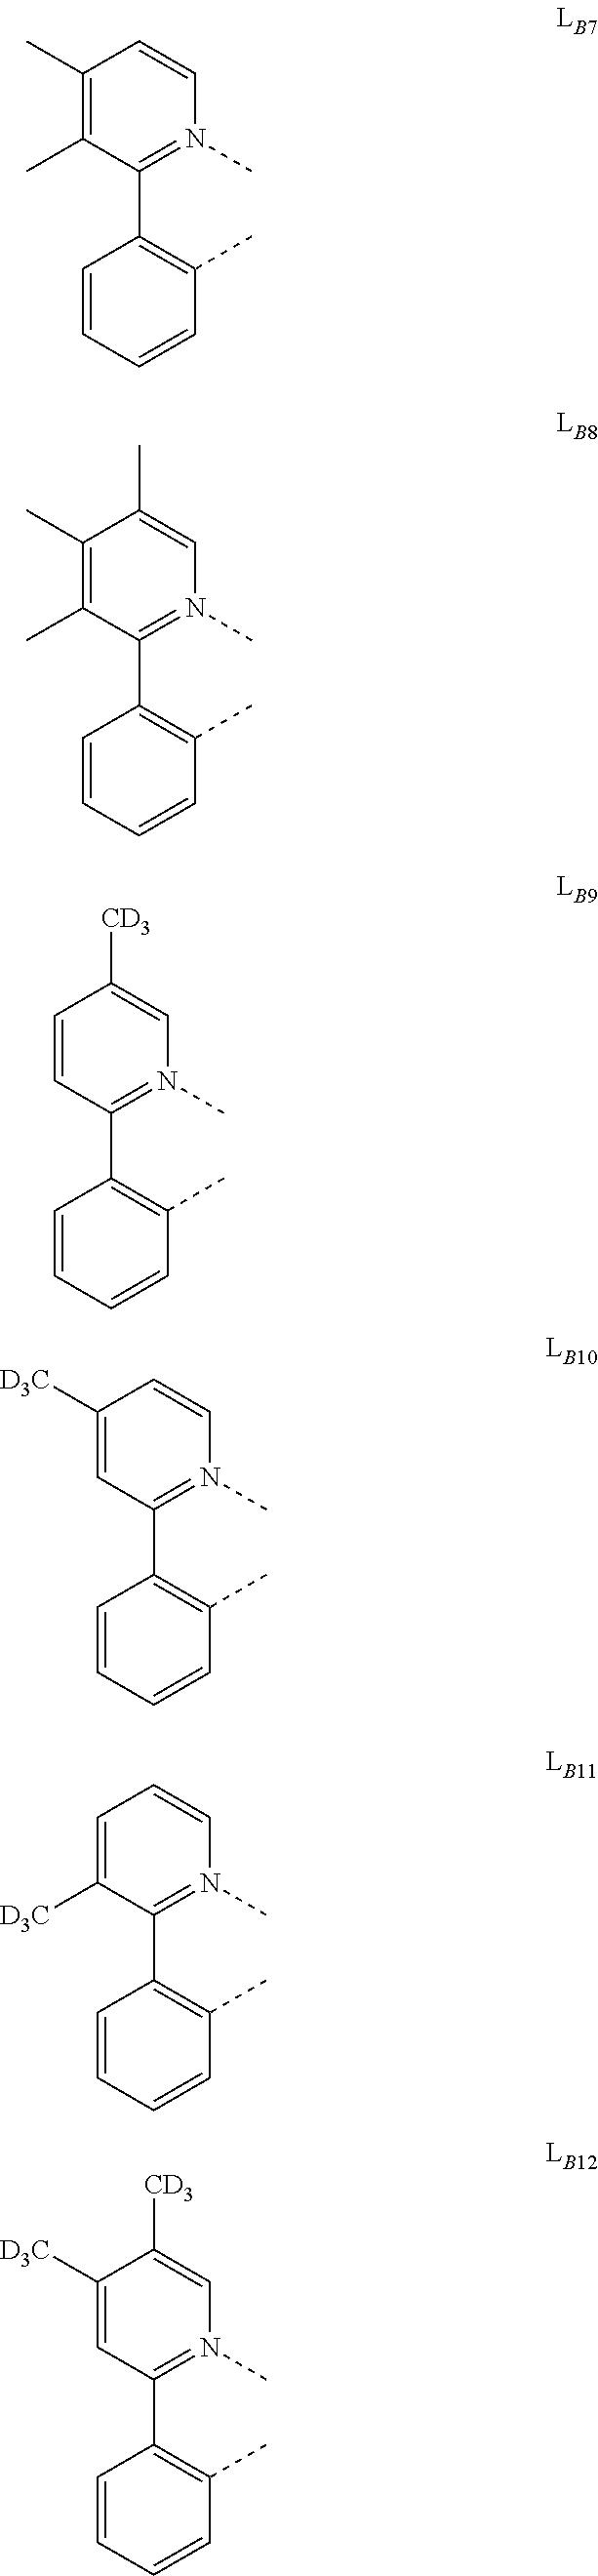 Figure US09929360-20180327-C00218